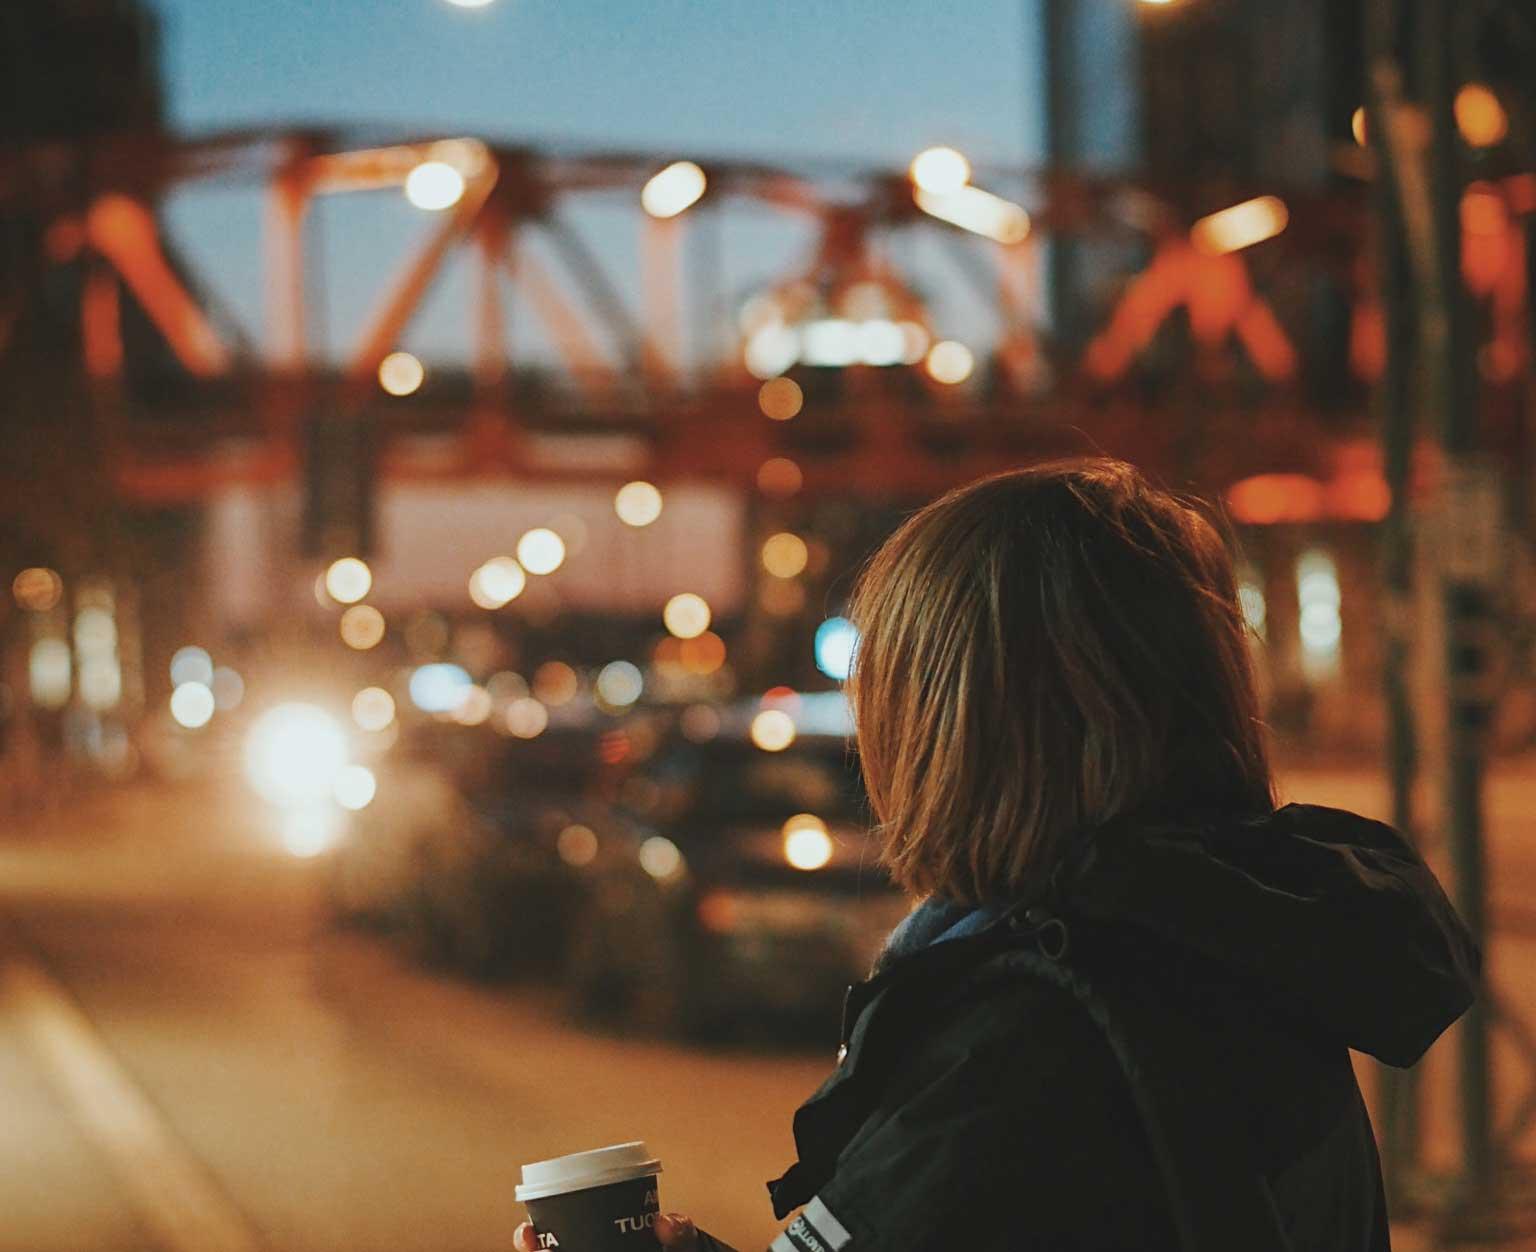 Nuori nainen seisoo kahvikupin kanssa kadulla. On ilta.